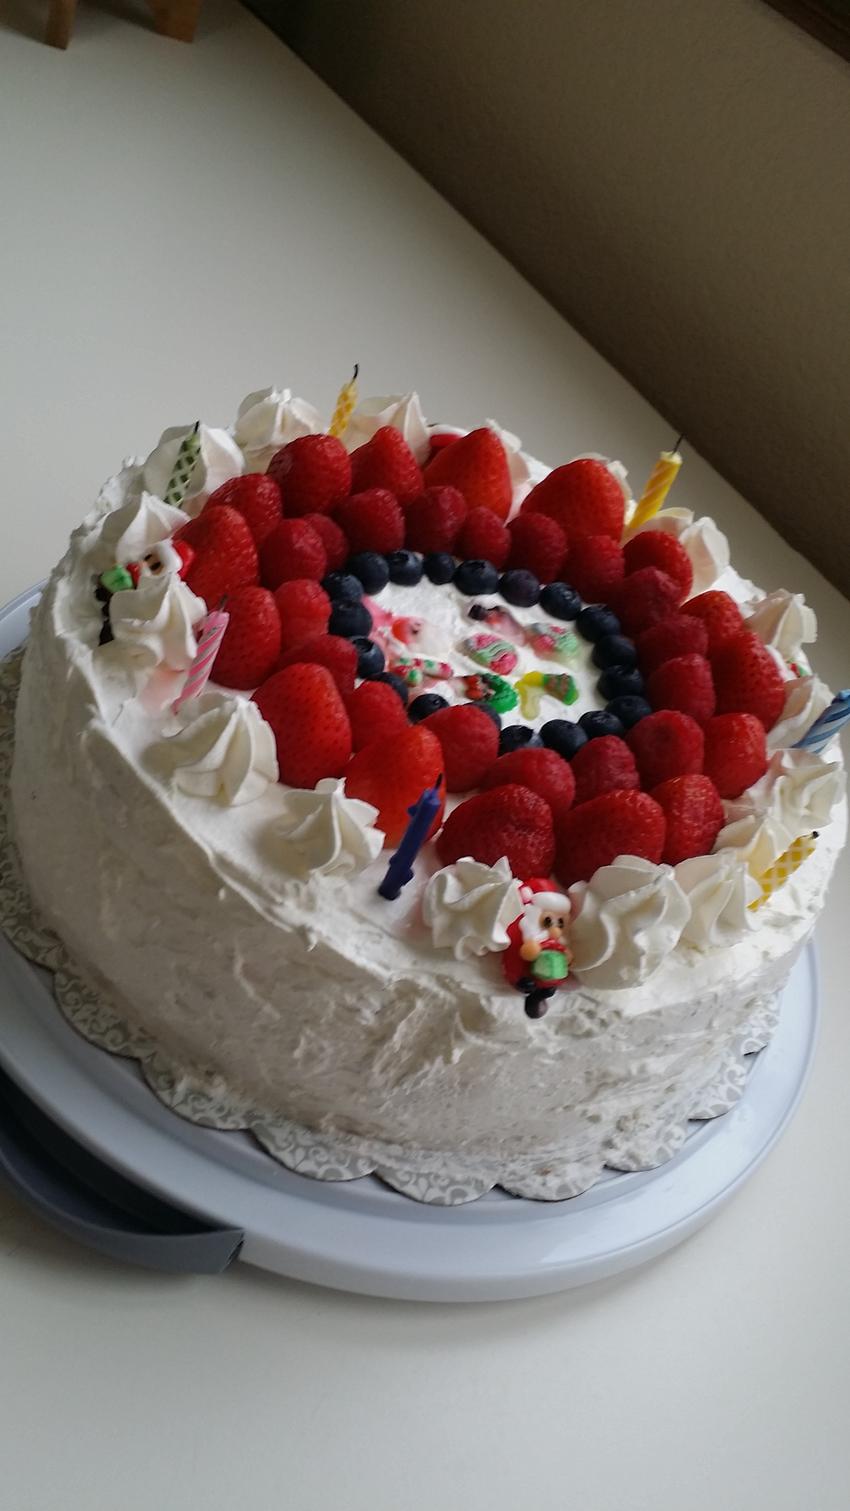 今月の誕生日祝いケーキ。今月は...